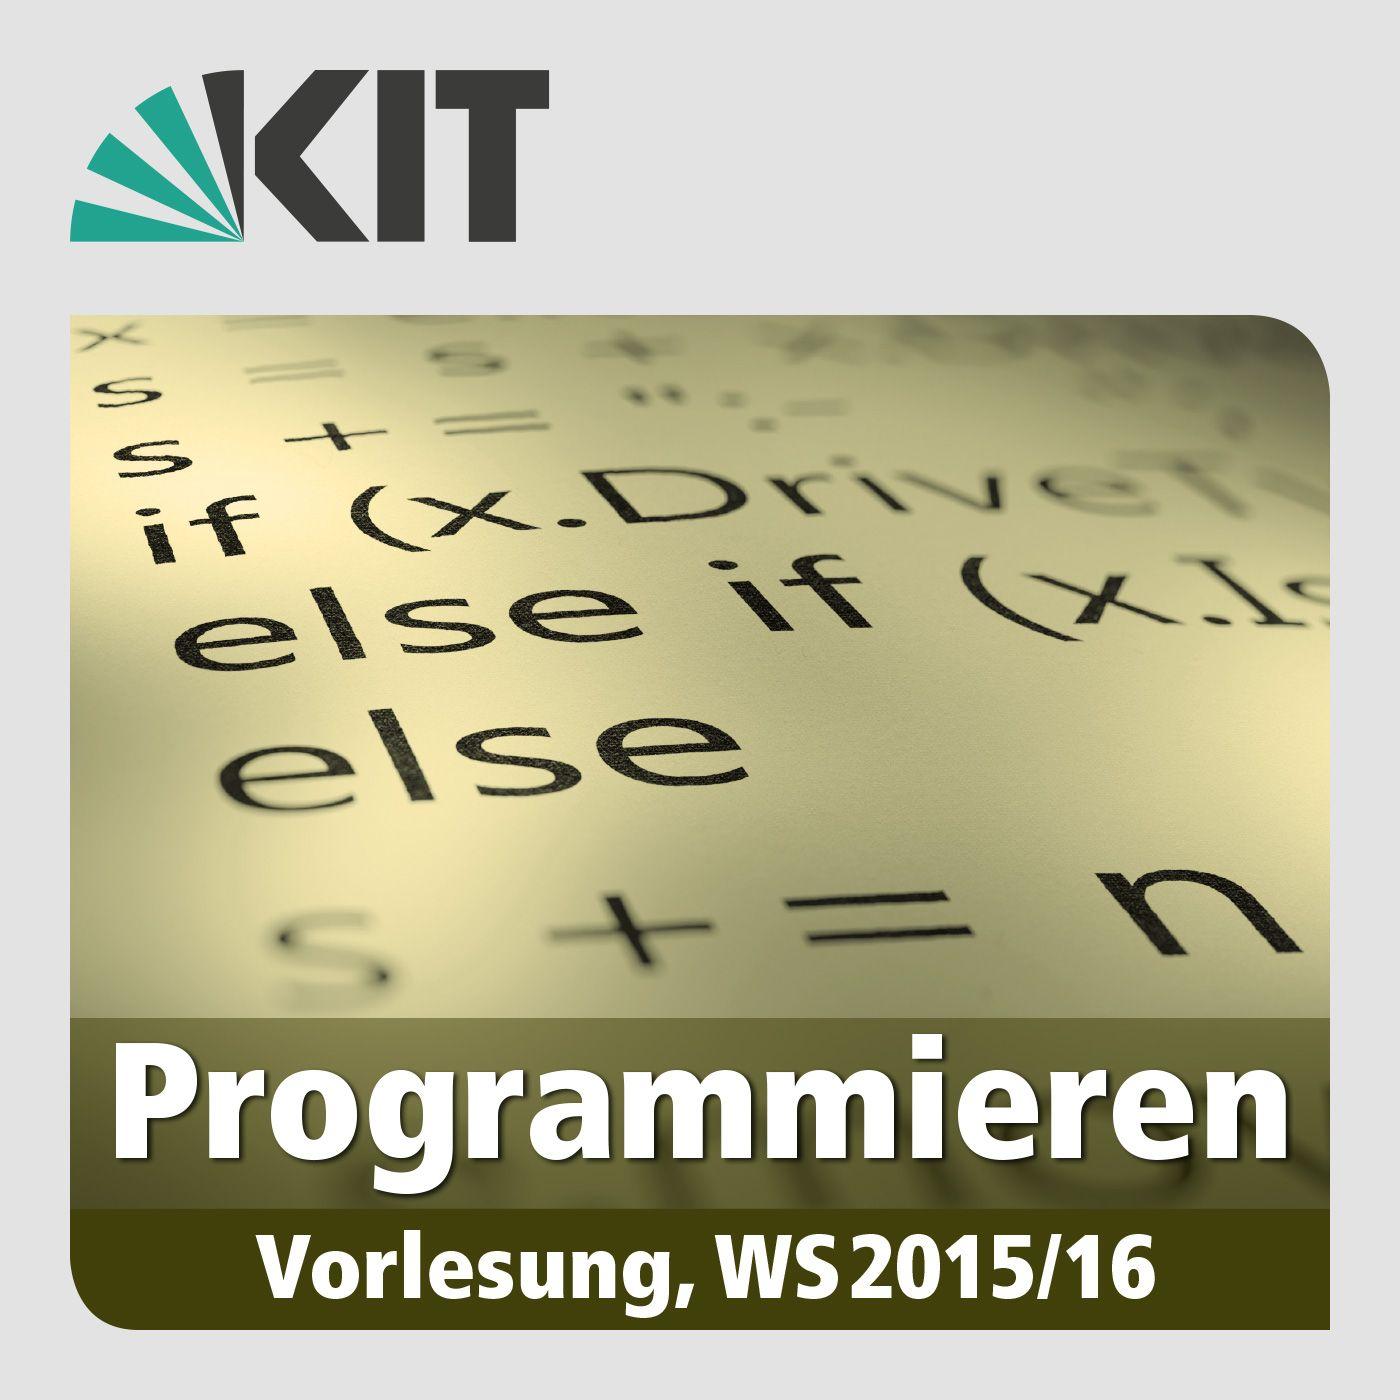 Programmieren, WS 2015/2016, gehalten am 11.11.2015, Vorlesung 04